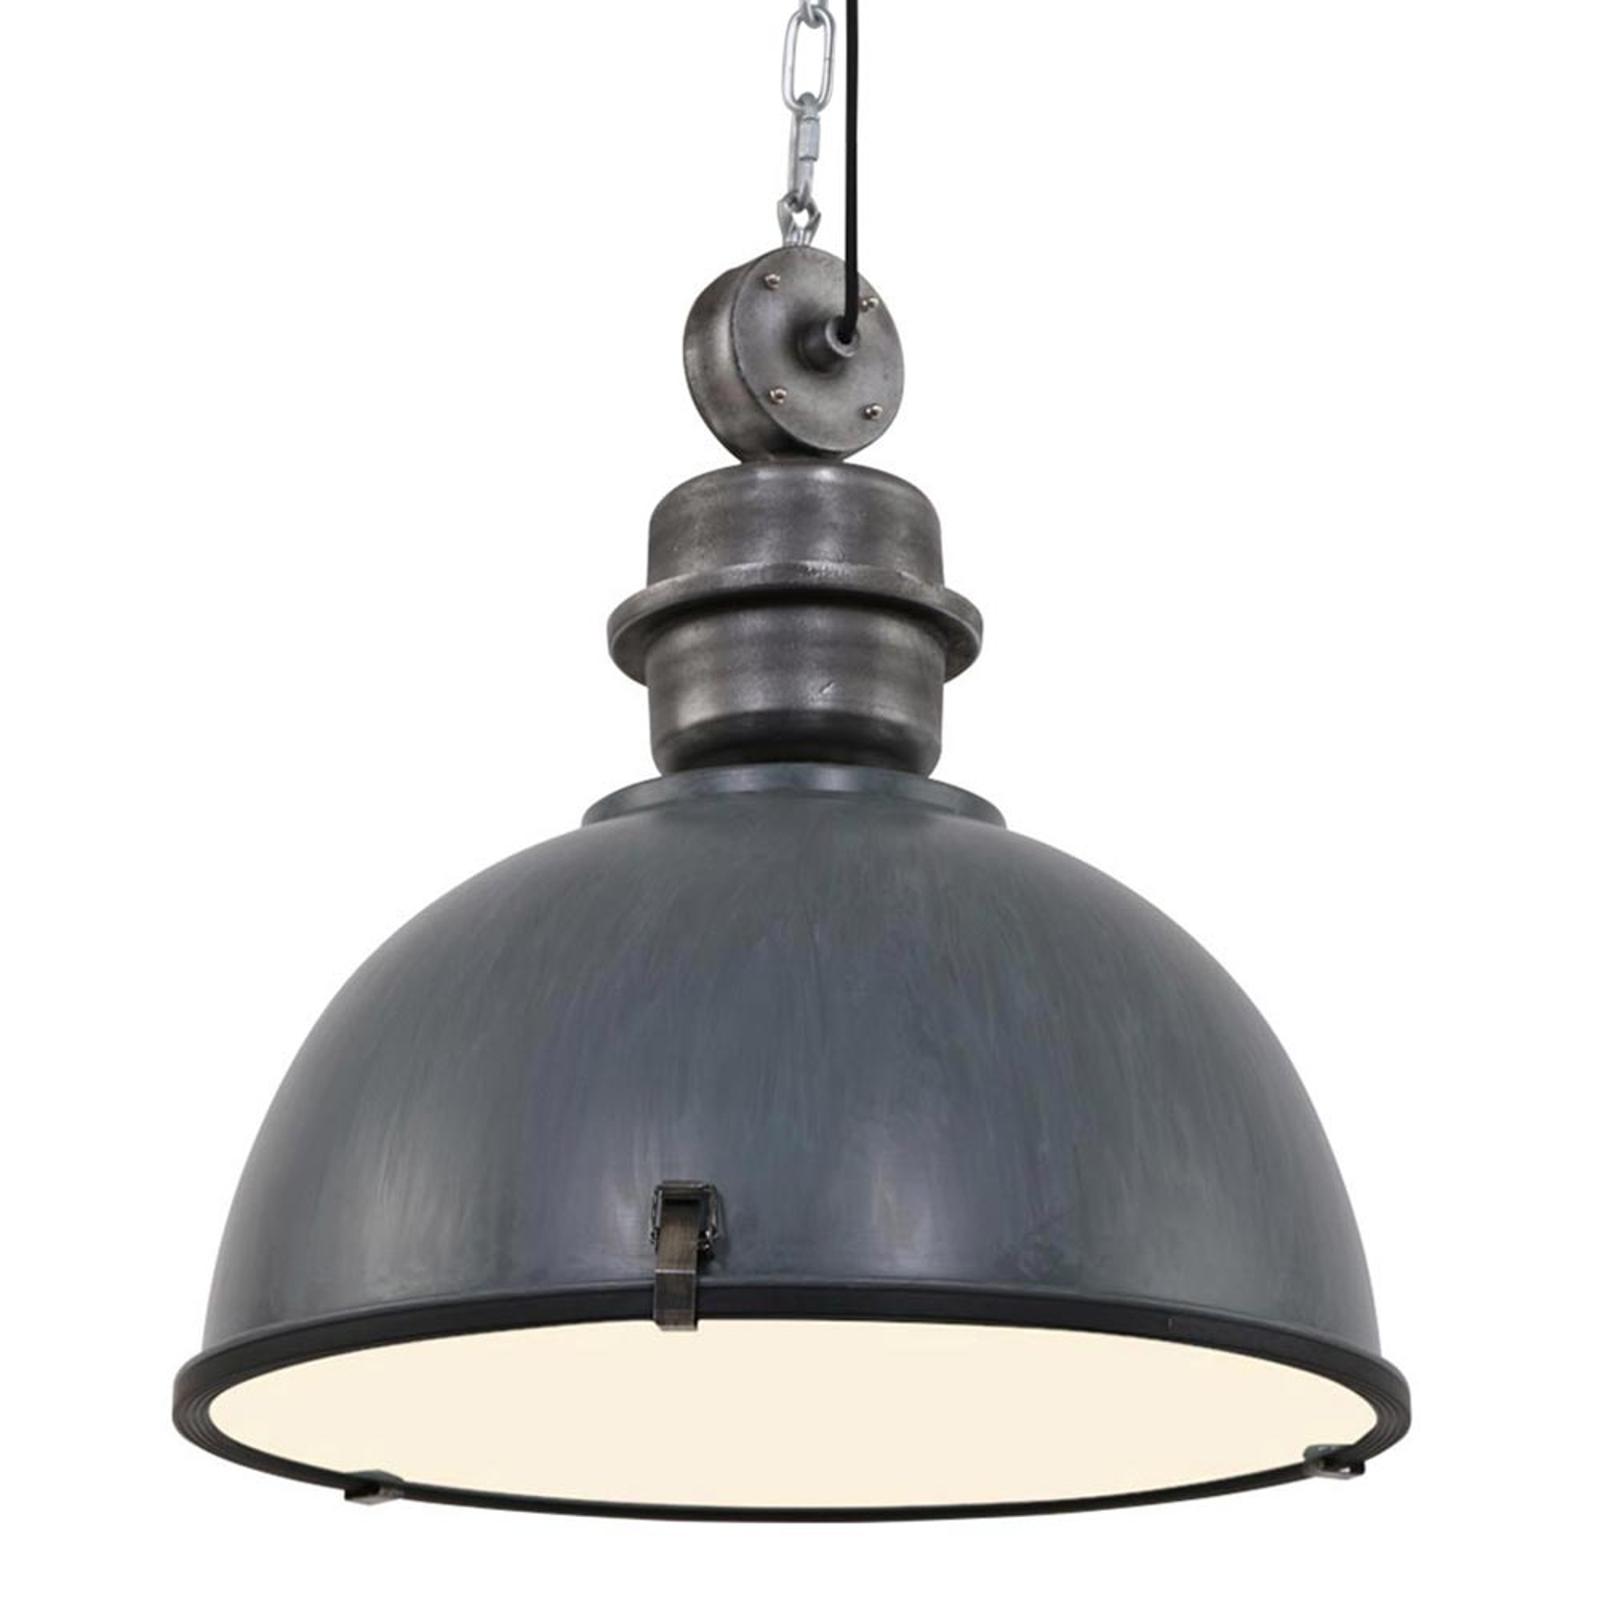 Grijze hanglamp Bikkel XXL in industrieel ontwerp